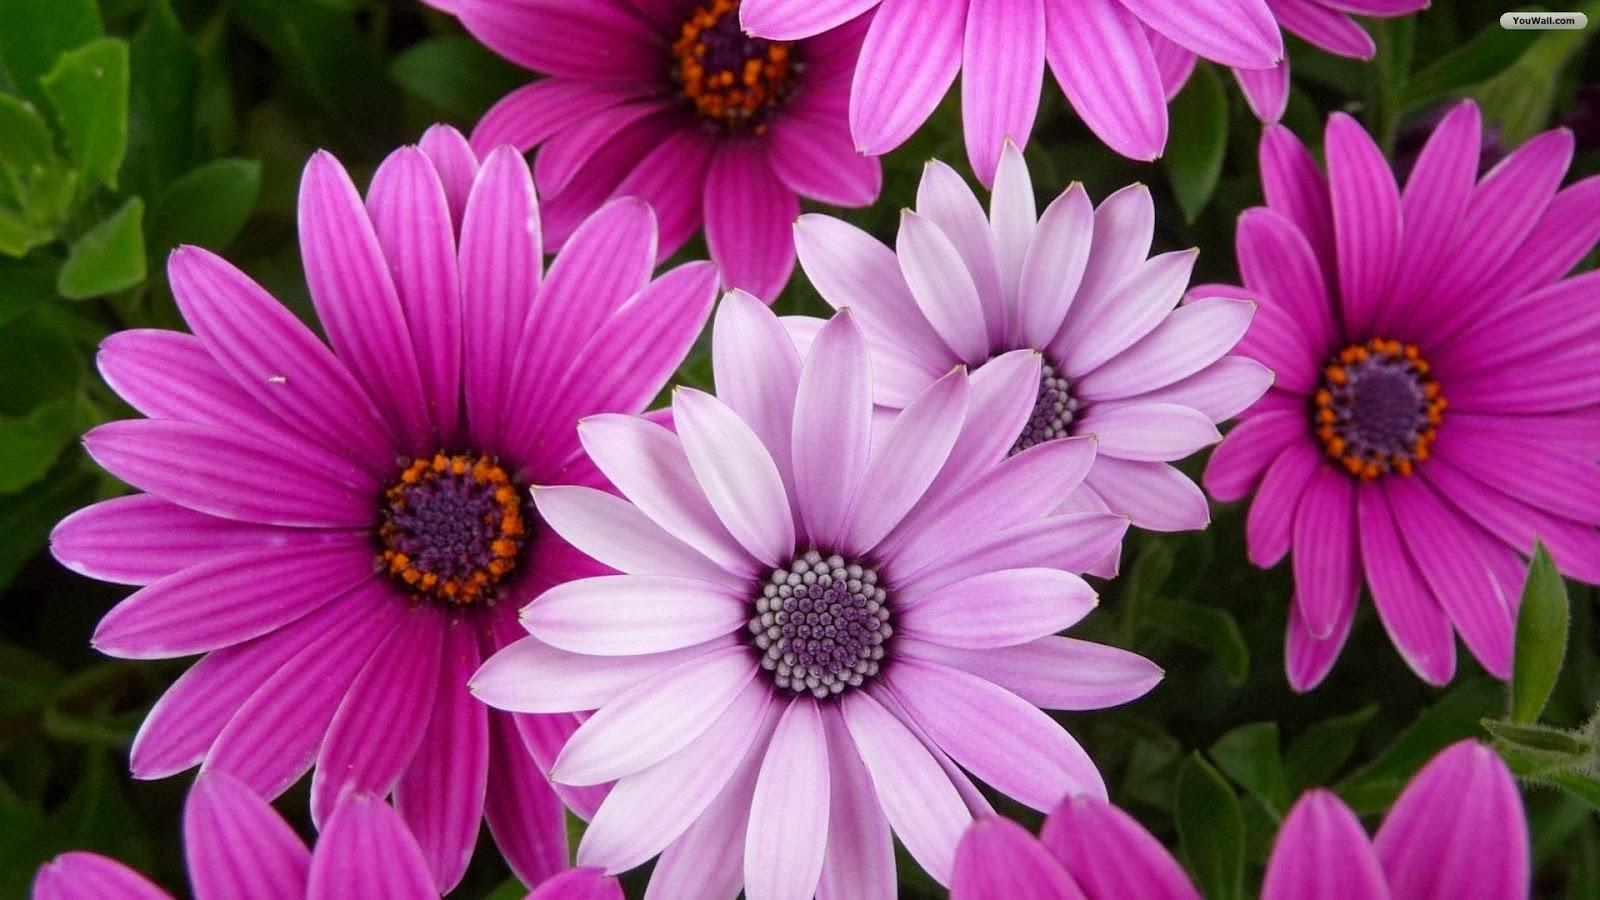 Beautiful purple white flowers hd wallpapers mightylinksfo